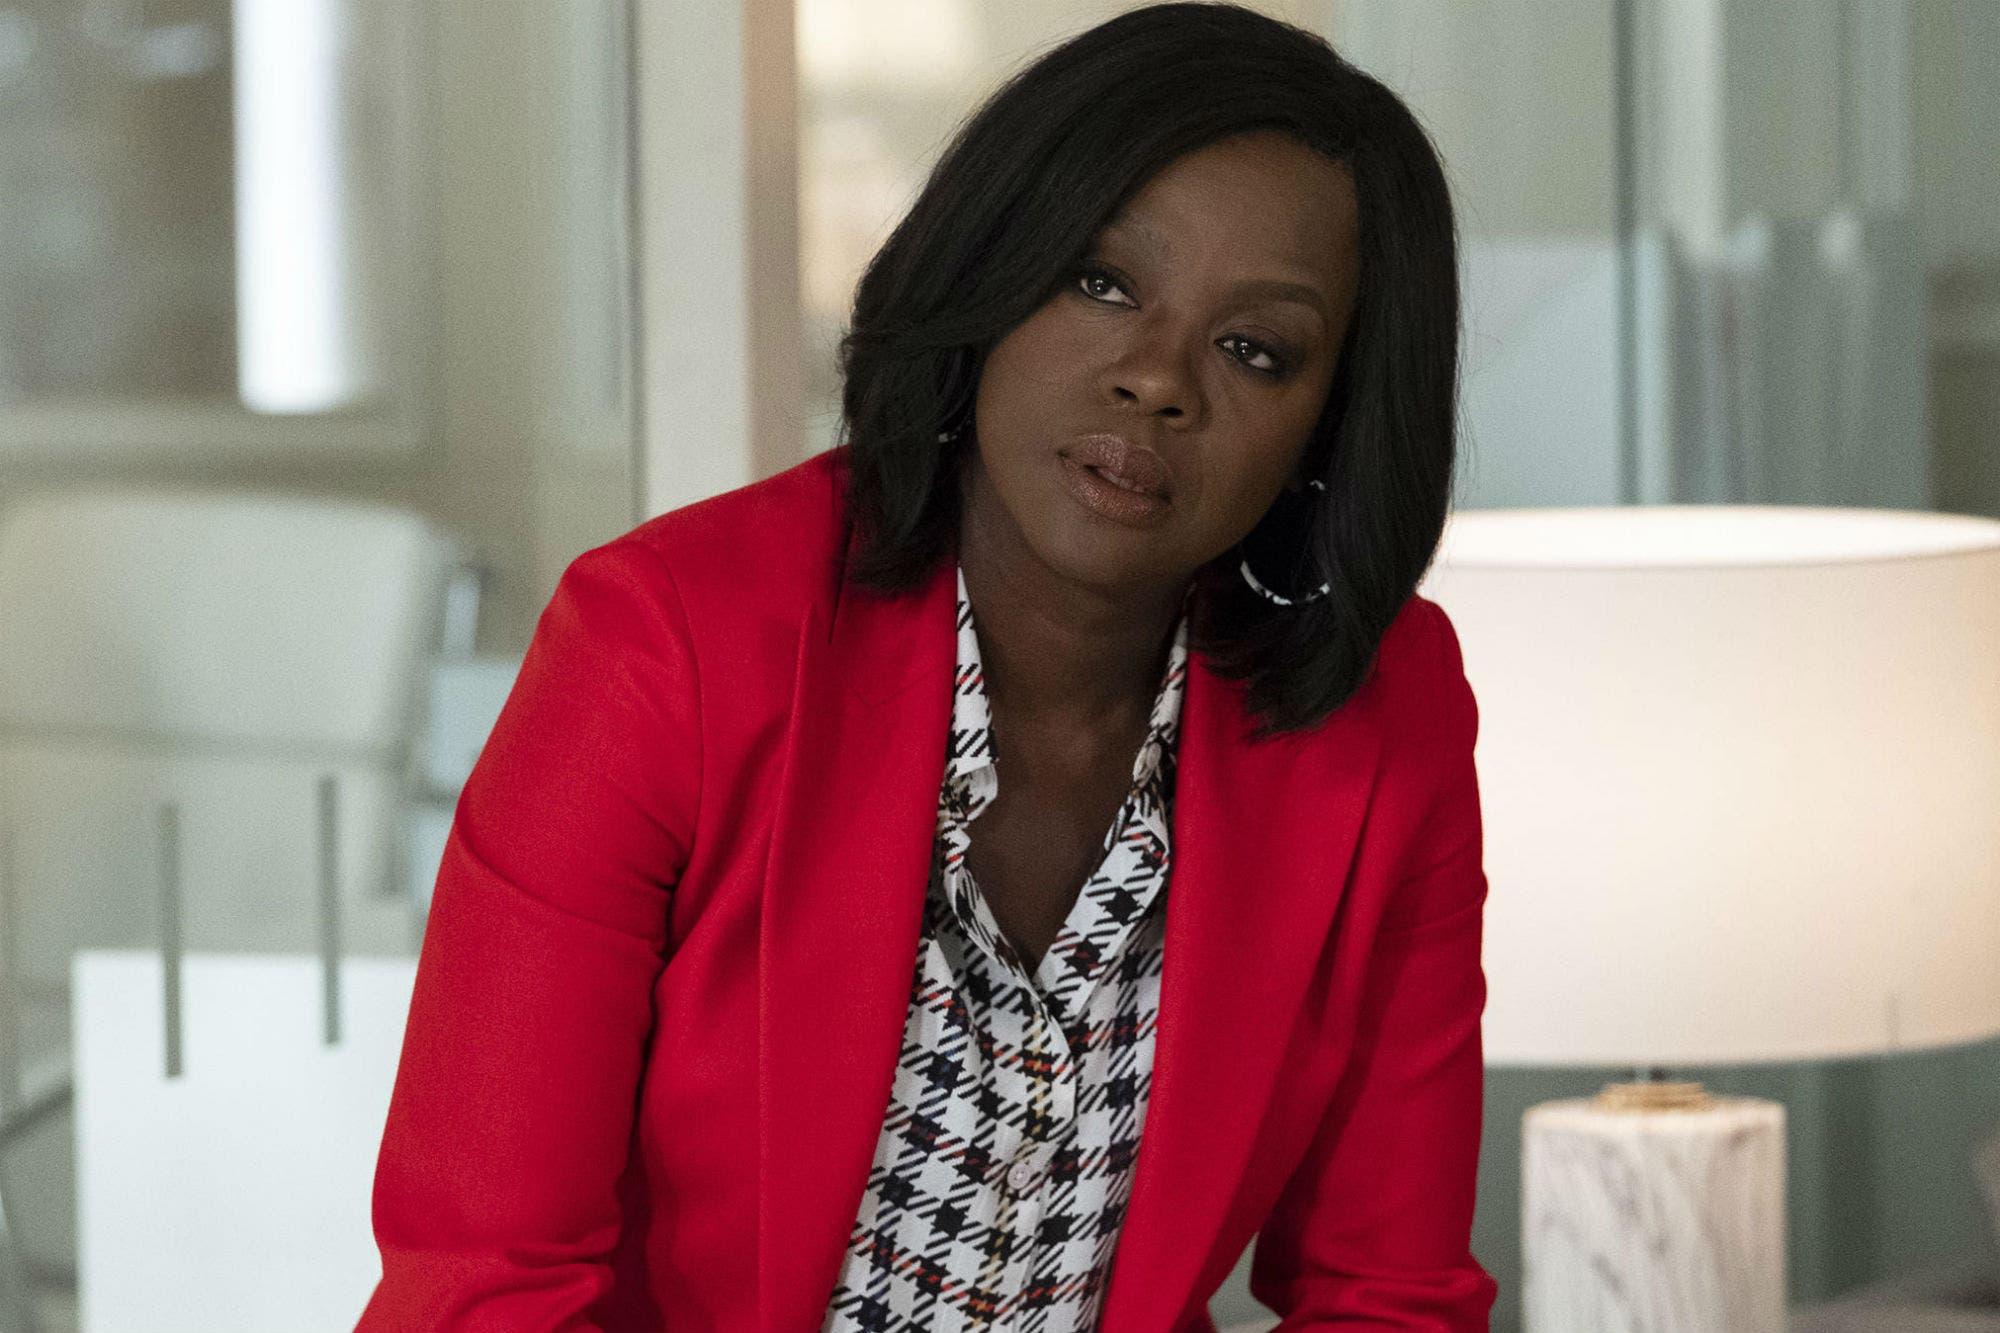 Viola Davis interpretará a Michelle Obama en una serie sobre las primeras damas